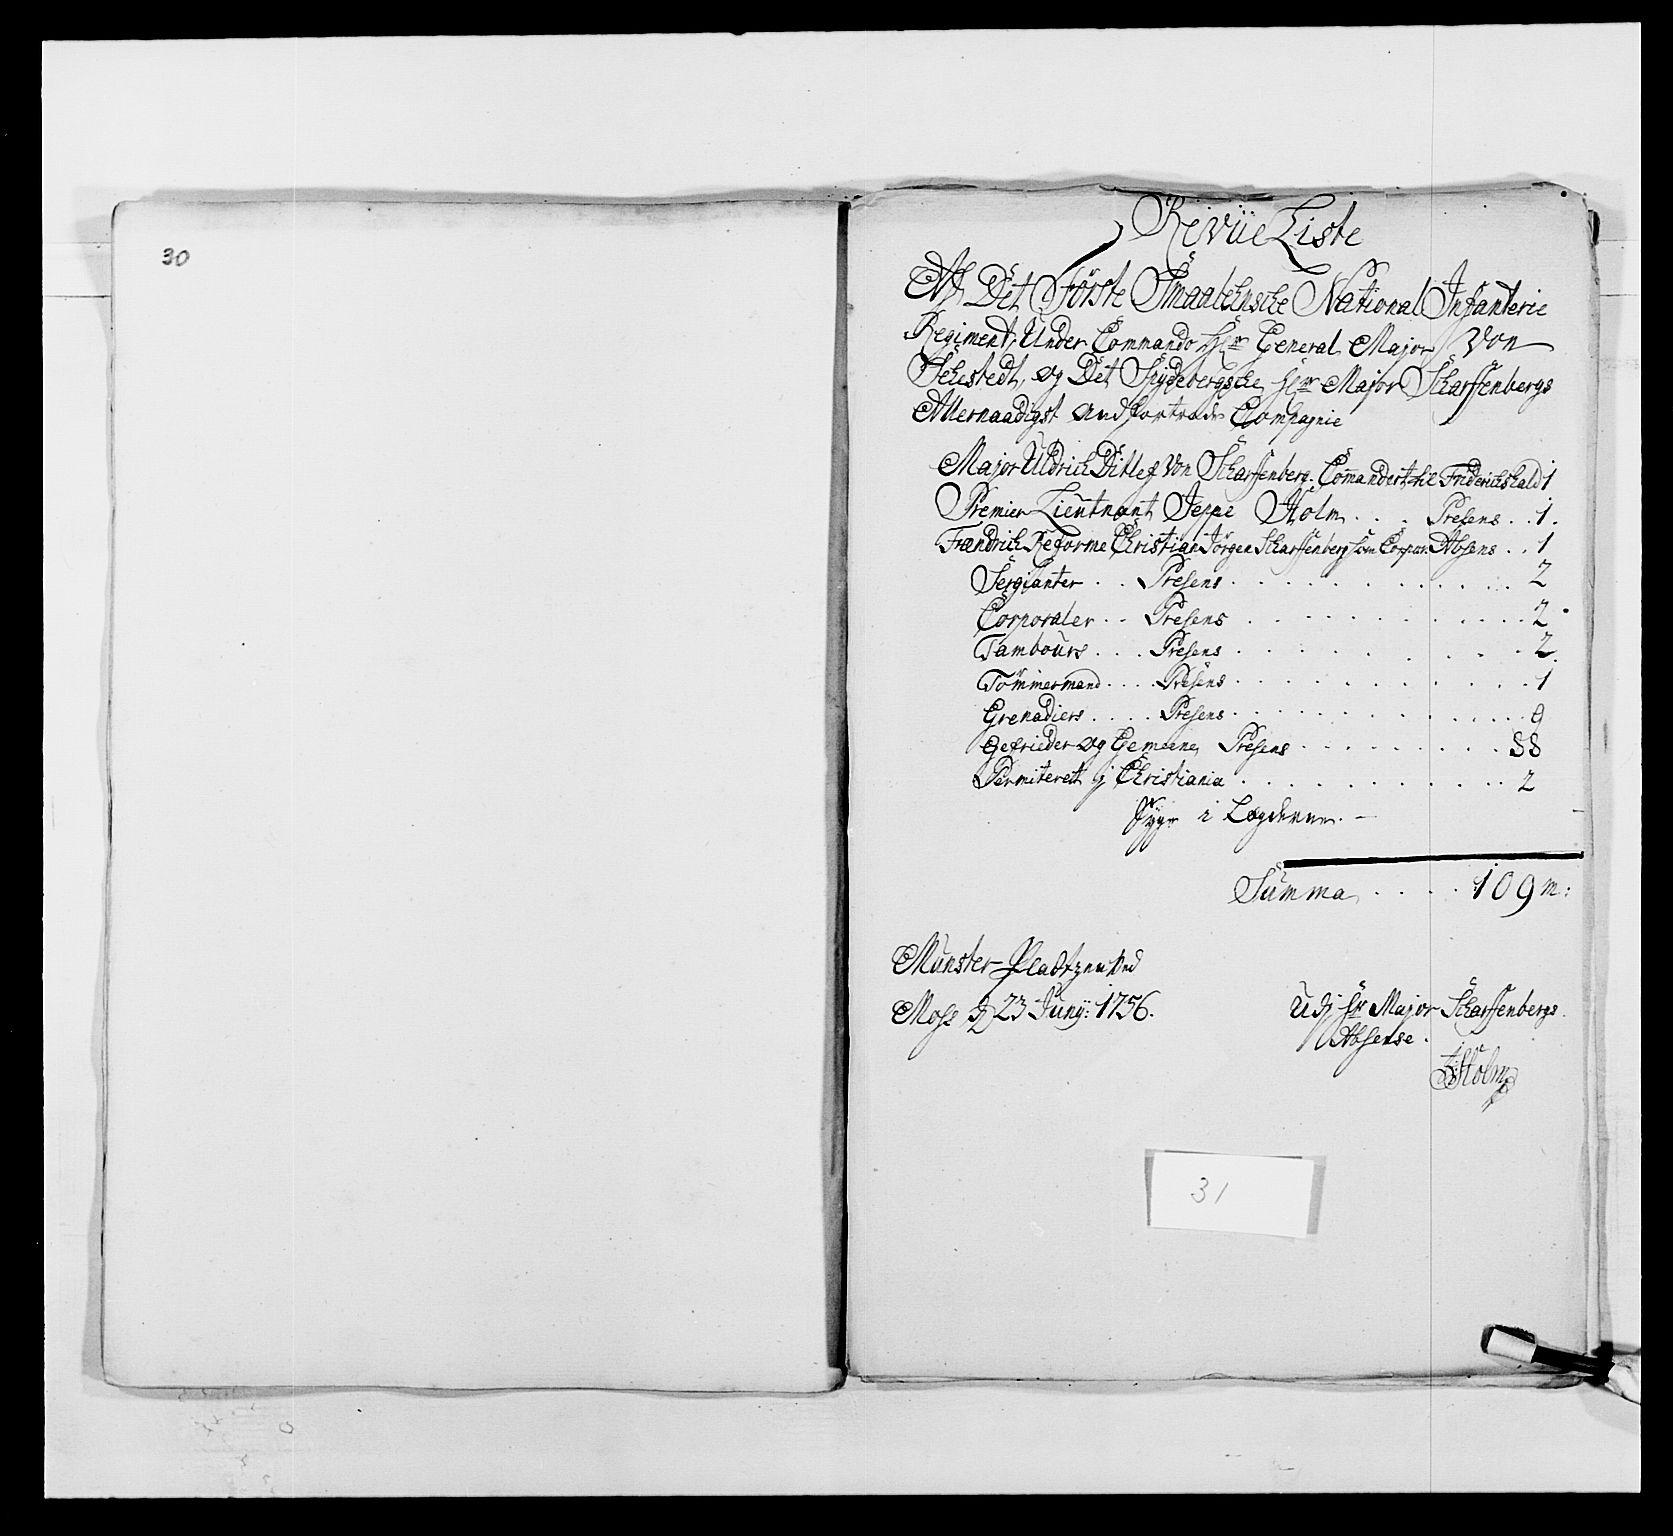 RA, Kommanderende general (KG I) med Det norske krigsdirektorium, E/Ea/L0495: 1. Smålenske regiment, 1732-1763, s. 479